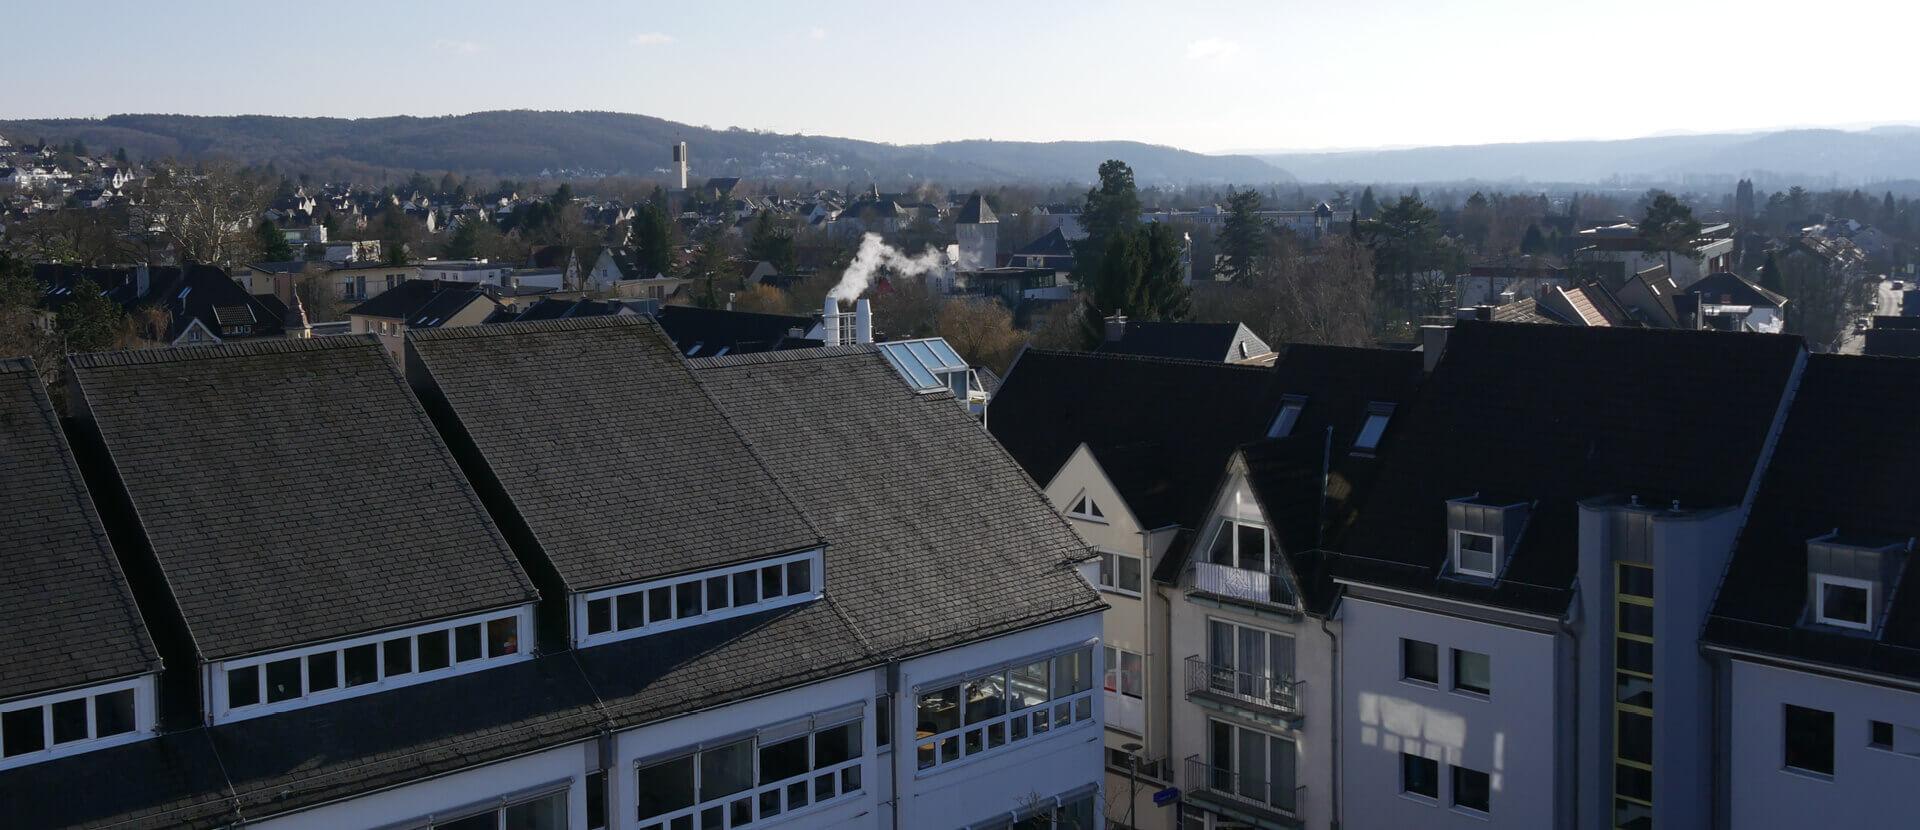 Das Bild zeigt eine Dachansicht des Bad Honnefer Rathauses